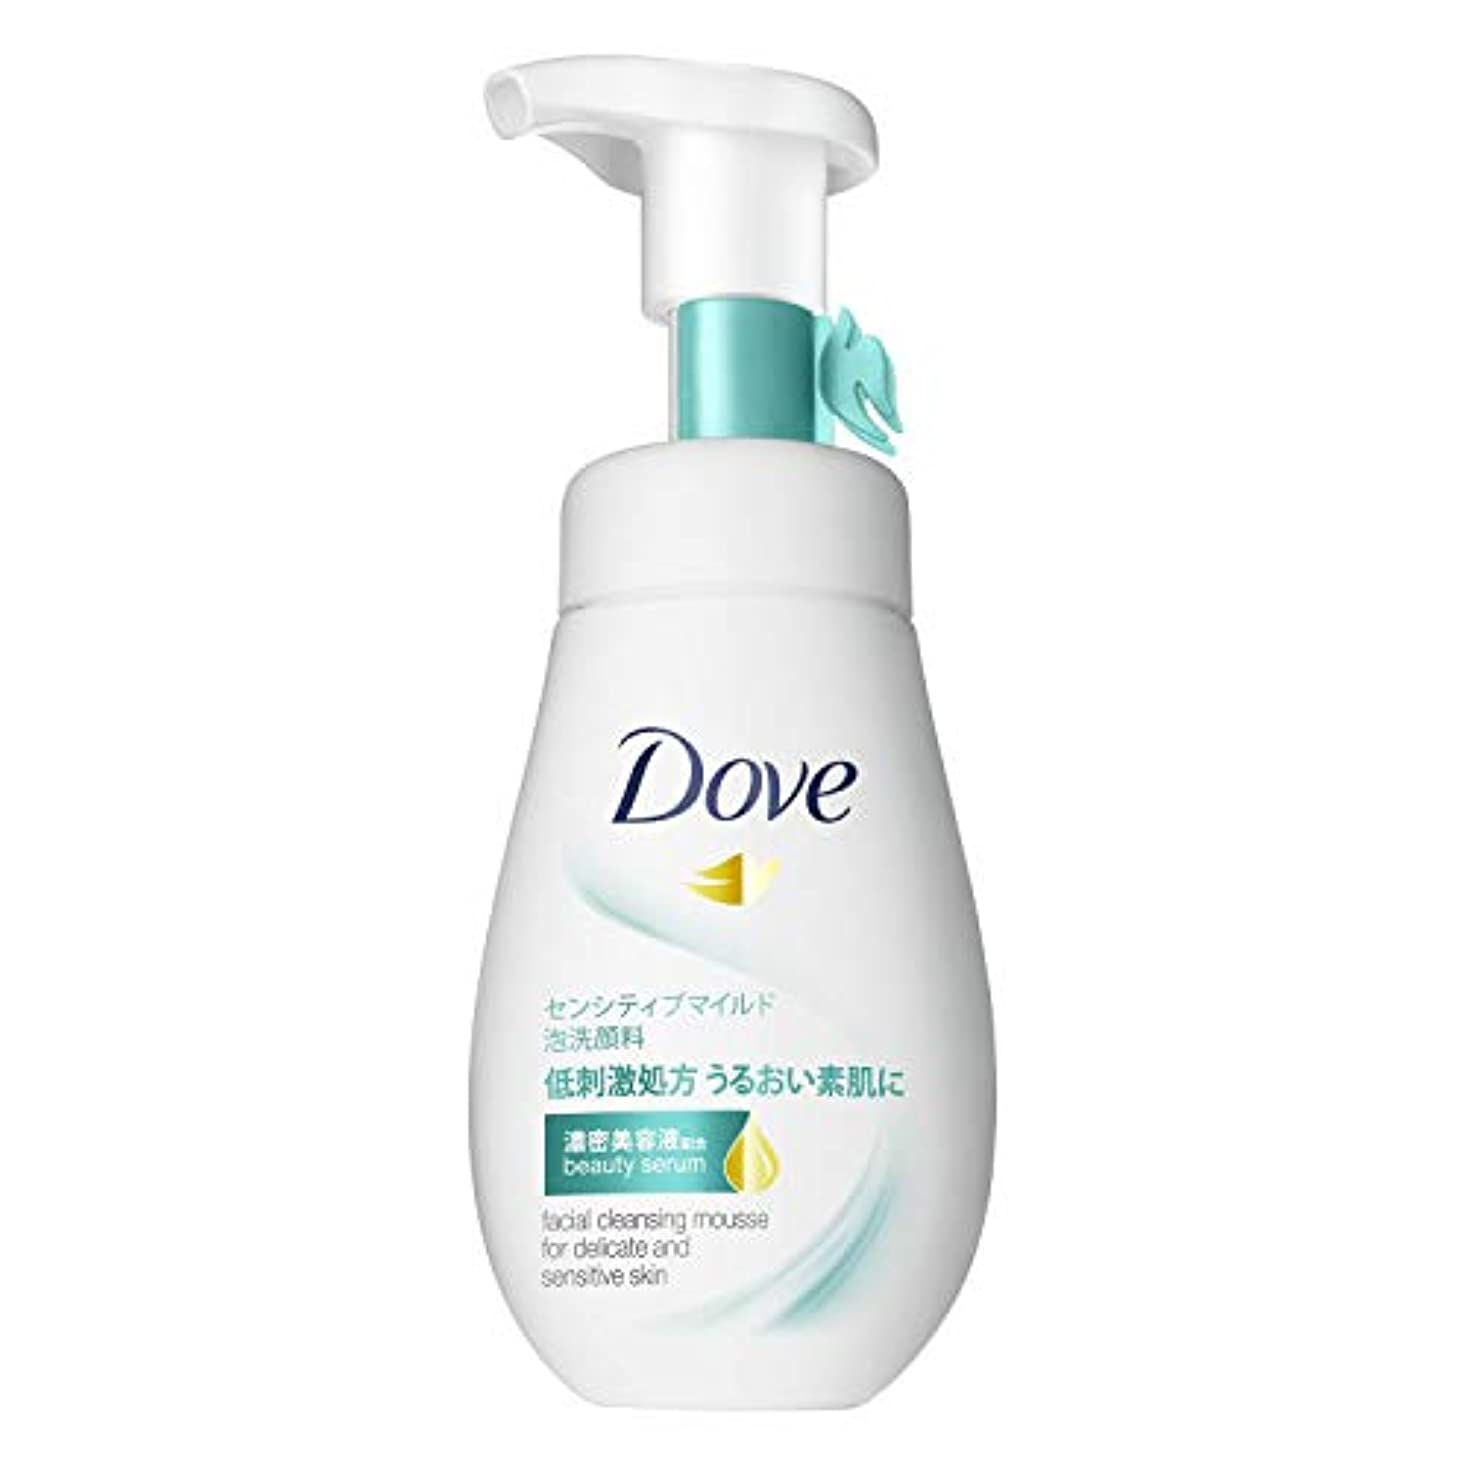 持つリマ回るダヴ センシティブマイルド クリーミー泡洗顔料 敏感肌用 160mL